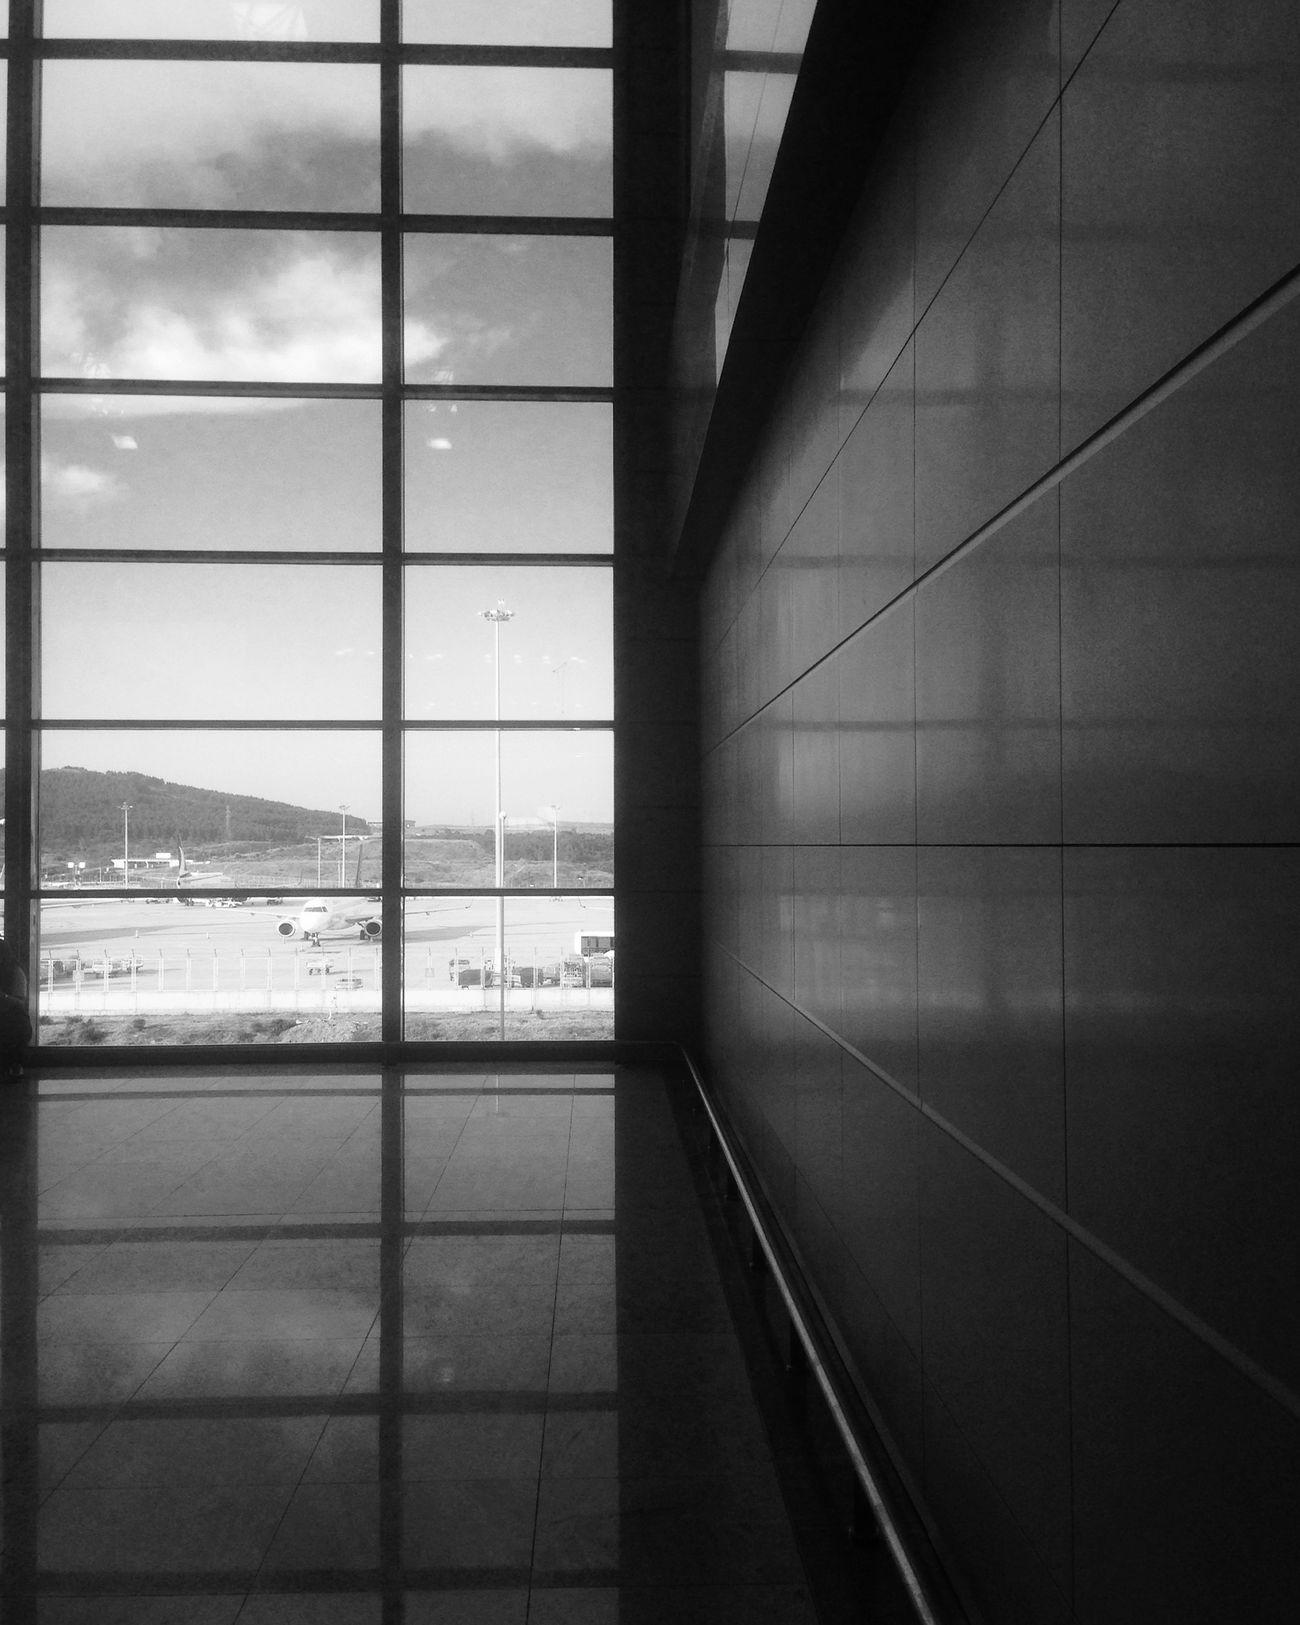 İnsan gittiği yerden ne zaman döner? Monochrome Turkey Black & White Airport Saw Sabihagökçenhavalimanı Istanbul